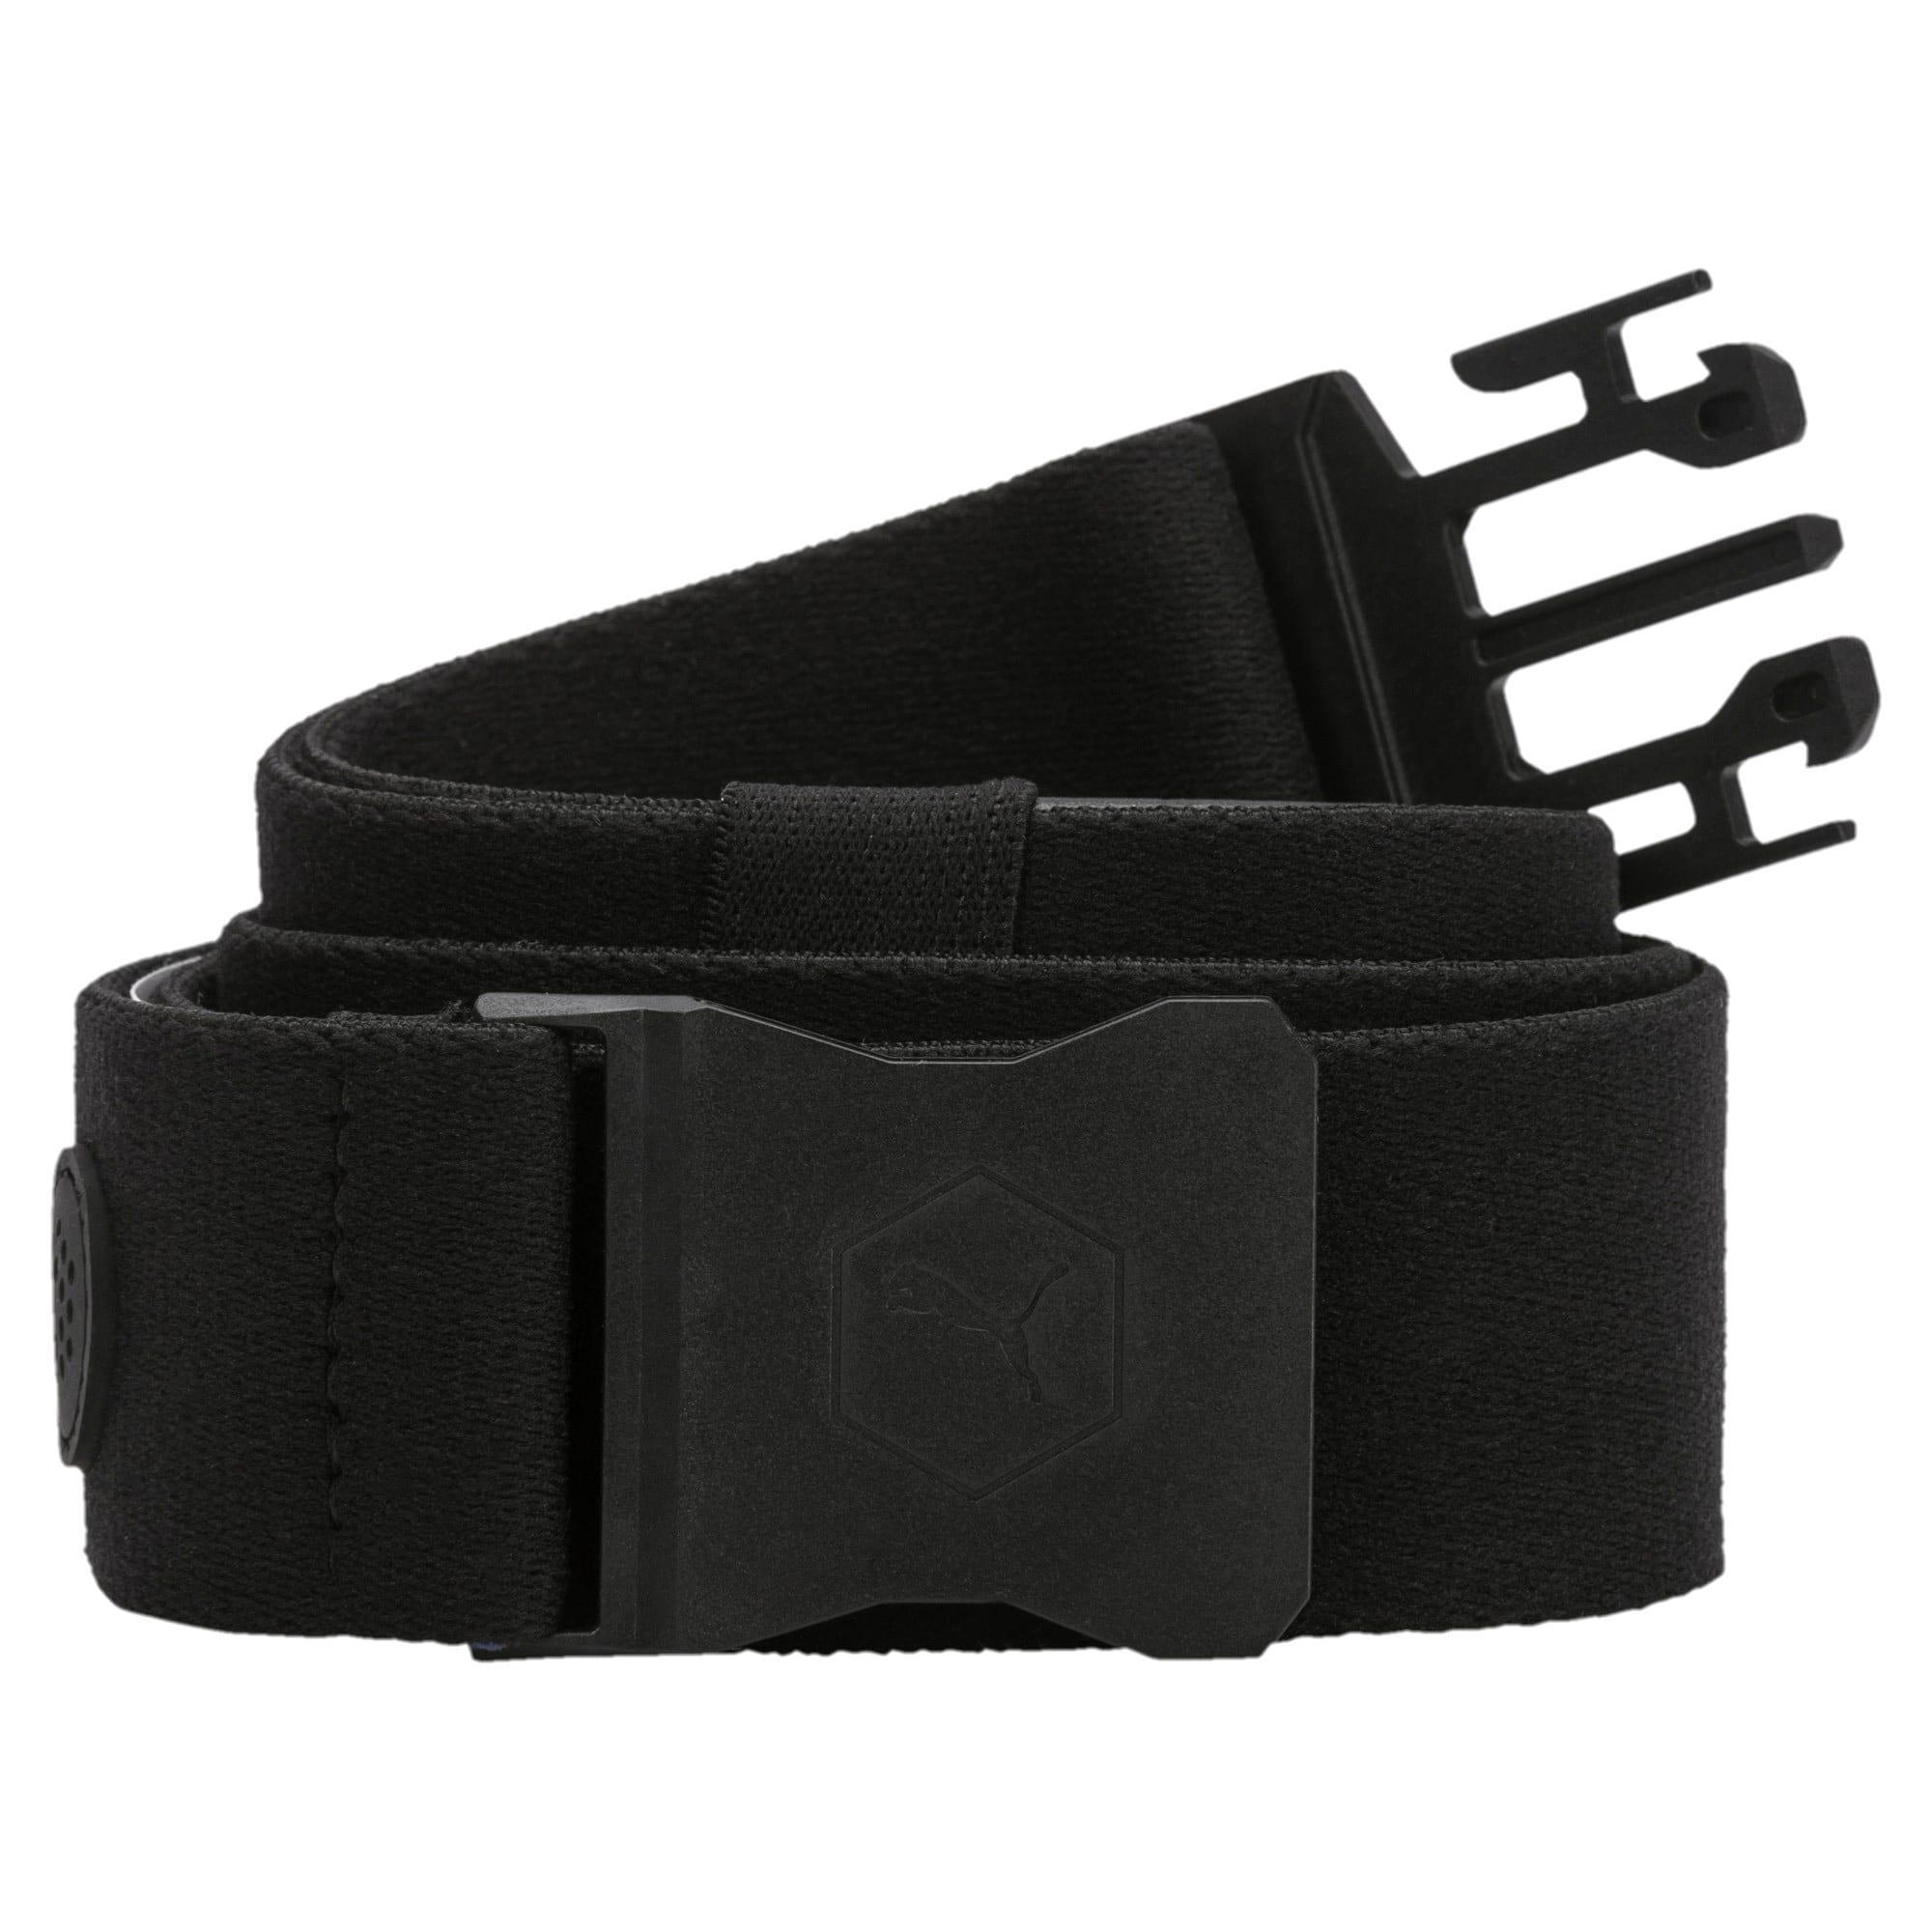 Miniatura 1 de Cinturón elástico Ultralite, Puma Black, mediano